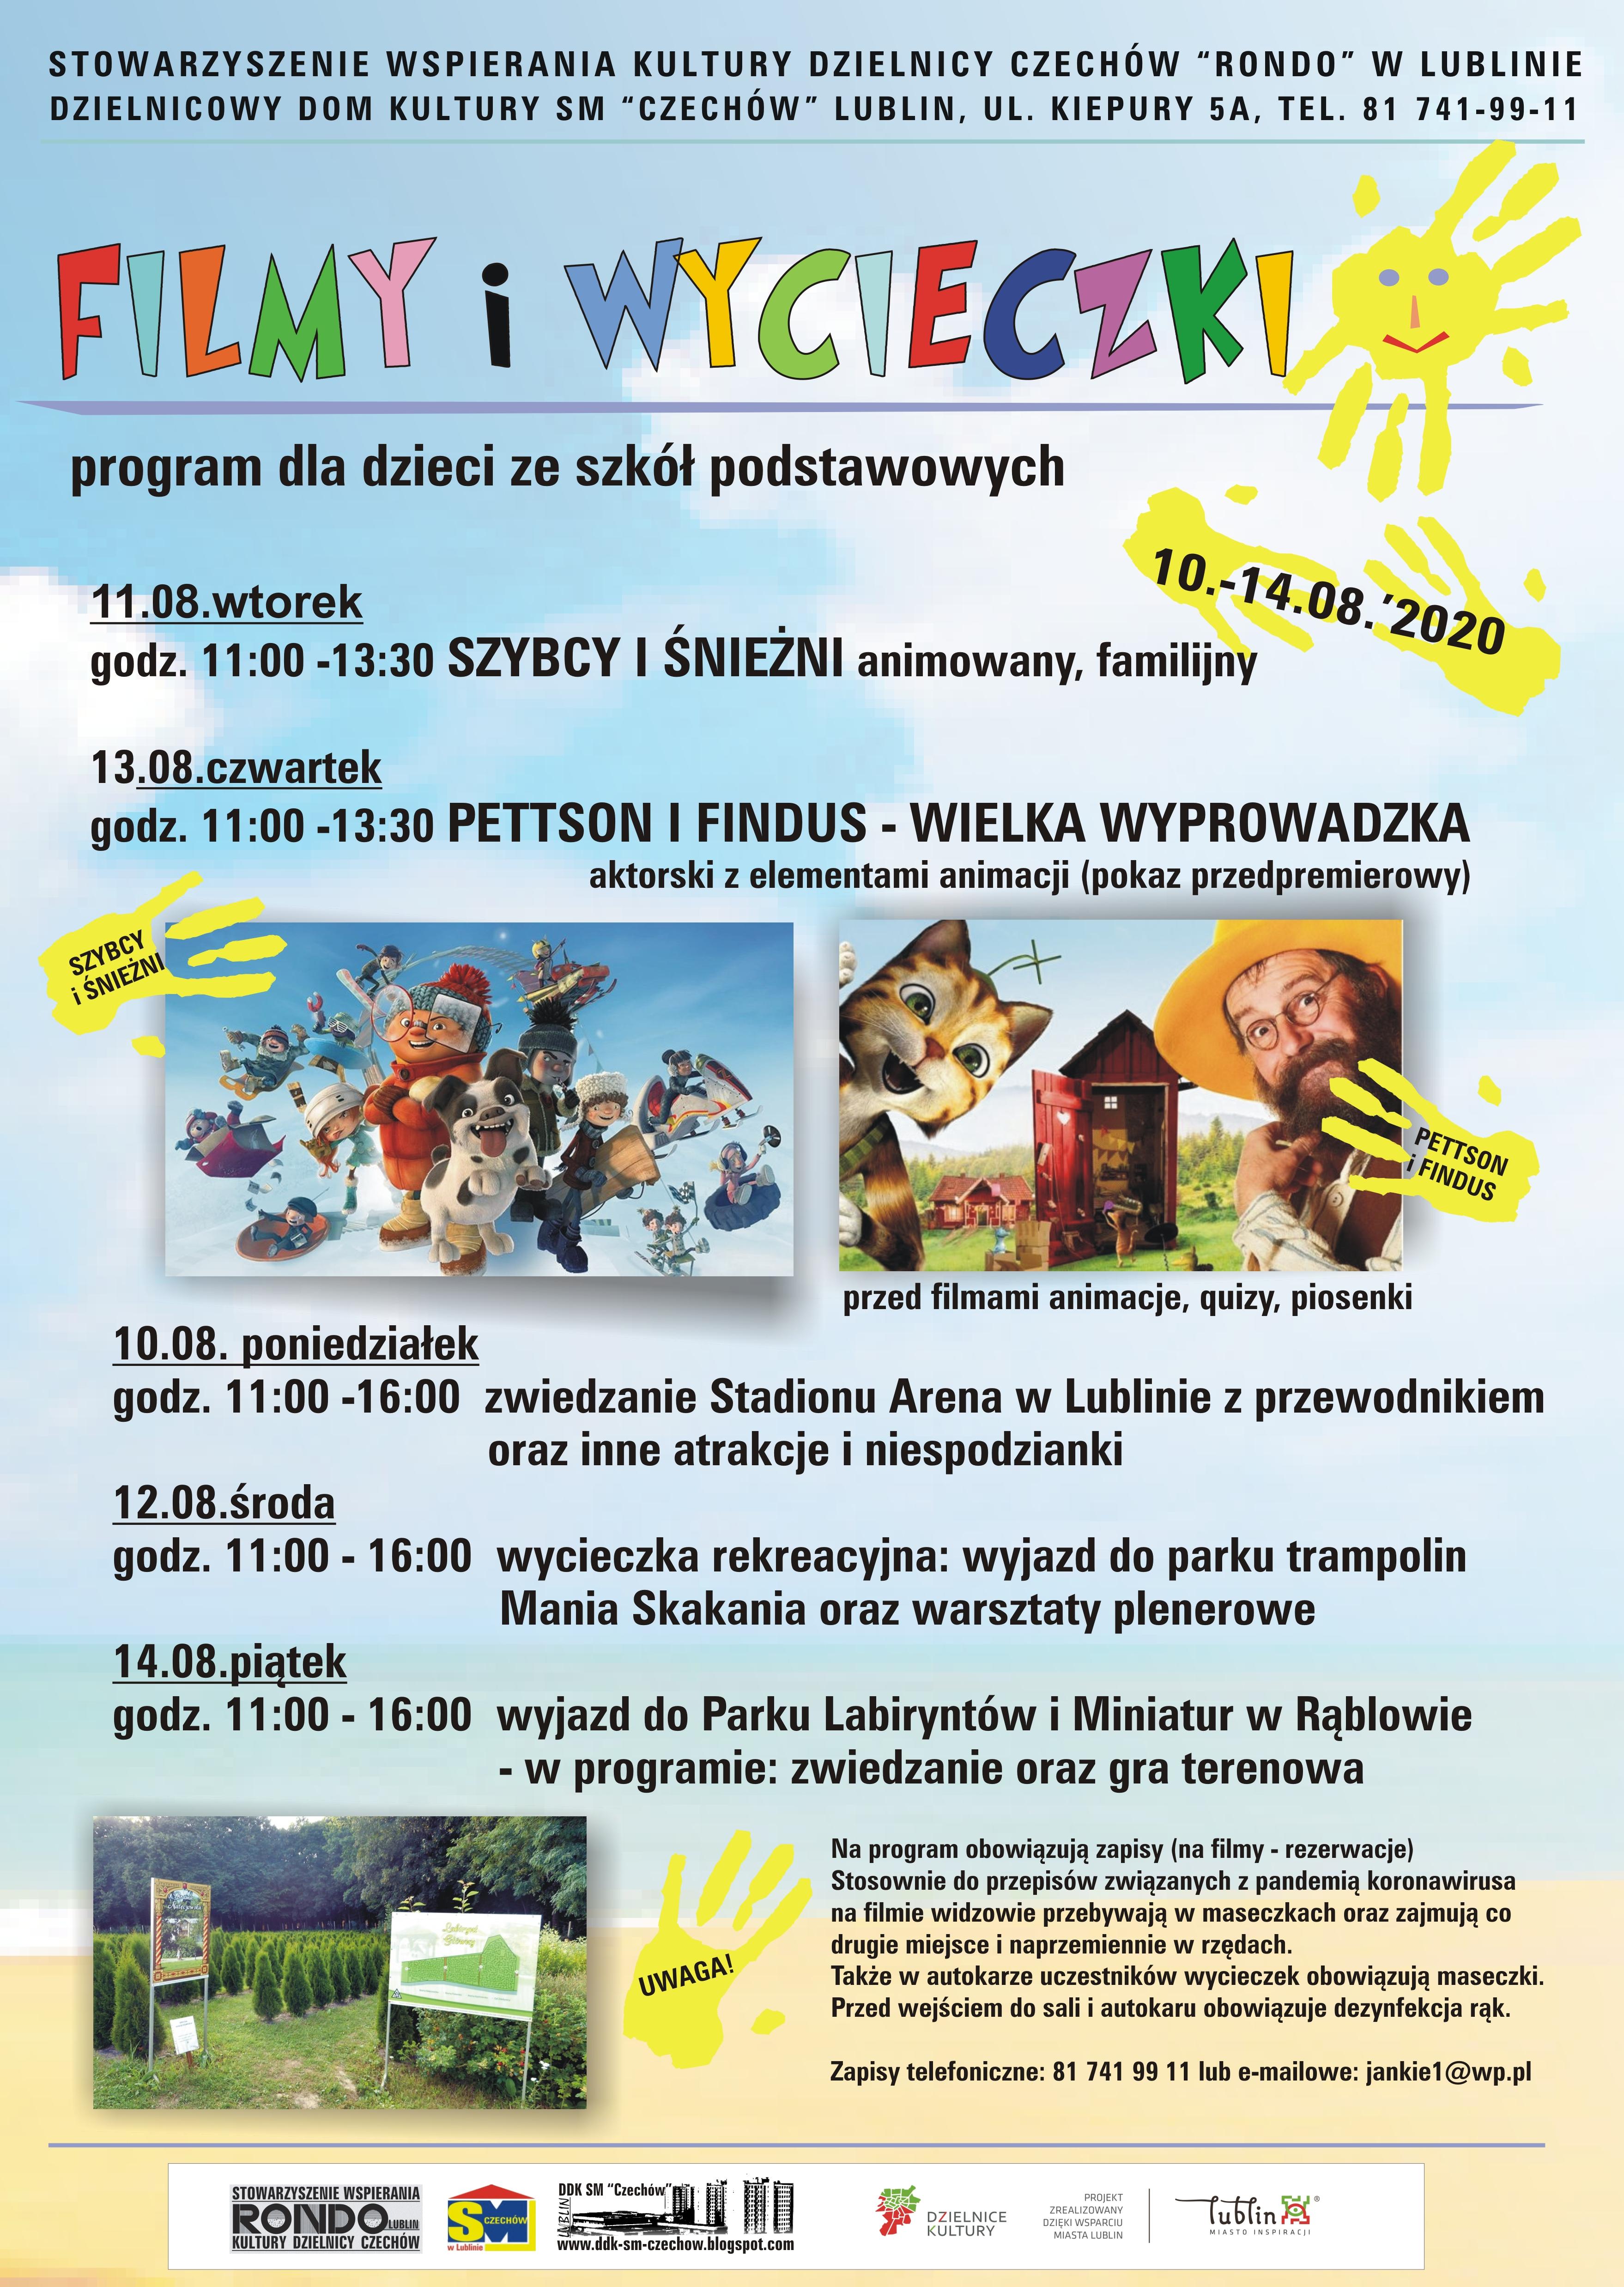 Filmy iwycieczki – 11-14.08.2020 r.